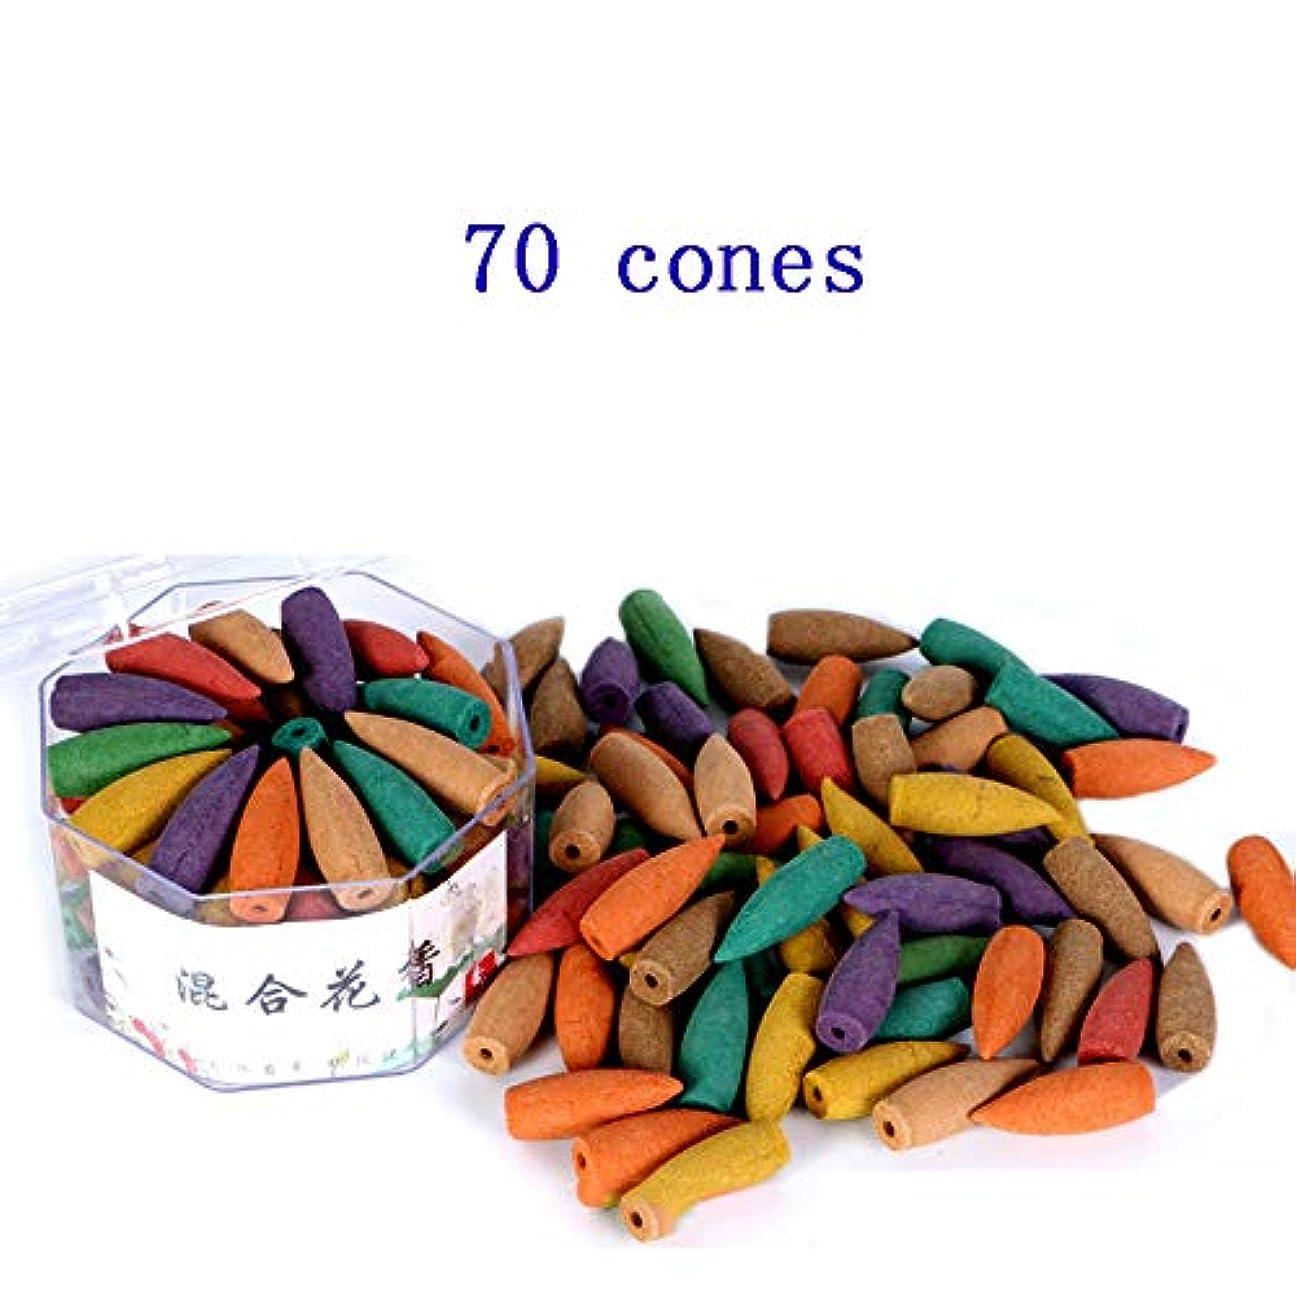 肥沃な高くブルーム(In-70mixed) - Corcio 70pcs/box Lengthened Cone Tower Incense Backflow Incense Waterfall Cones for Incense Burner...